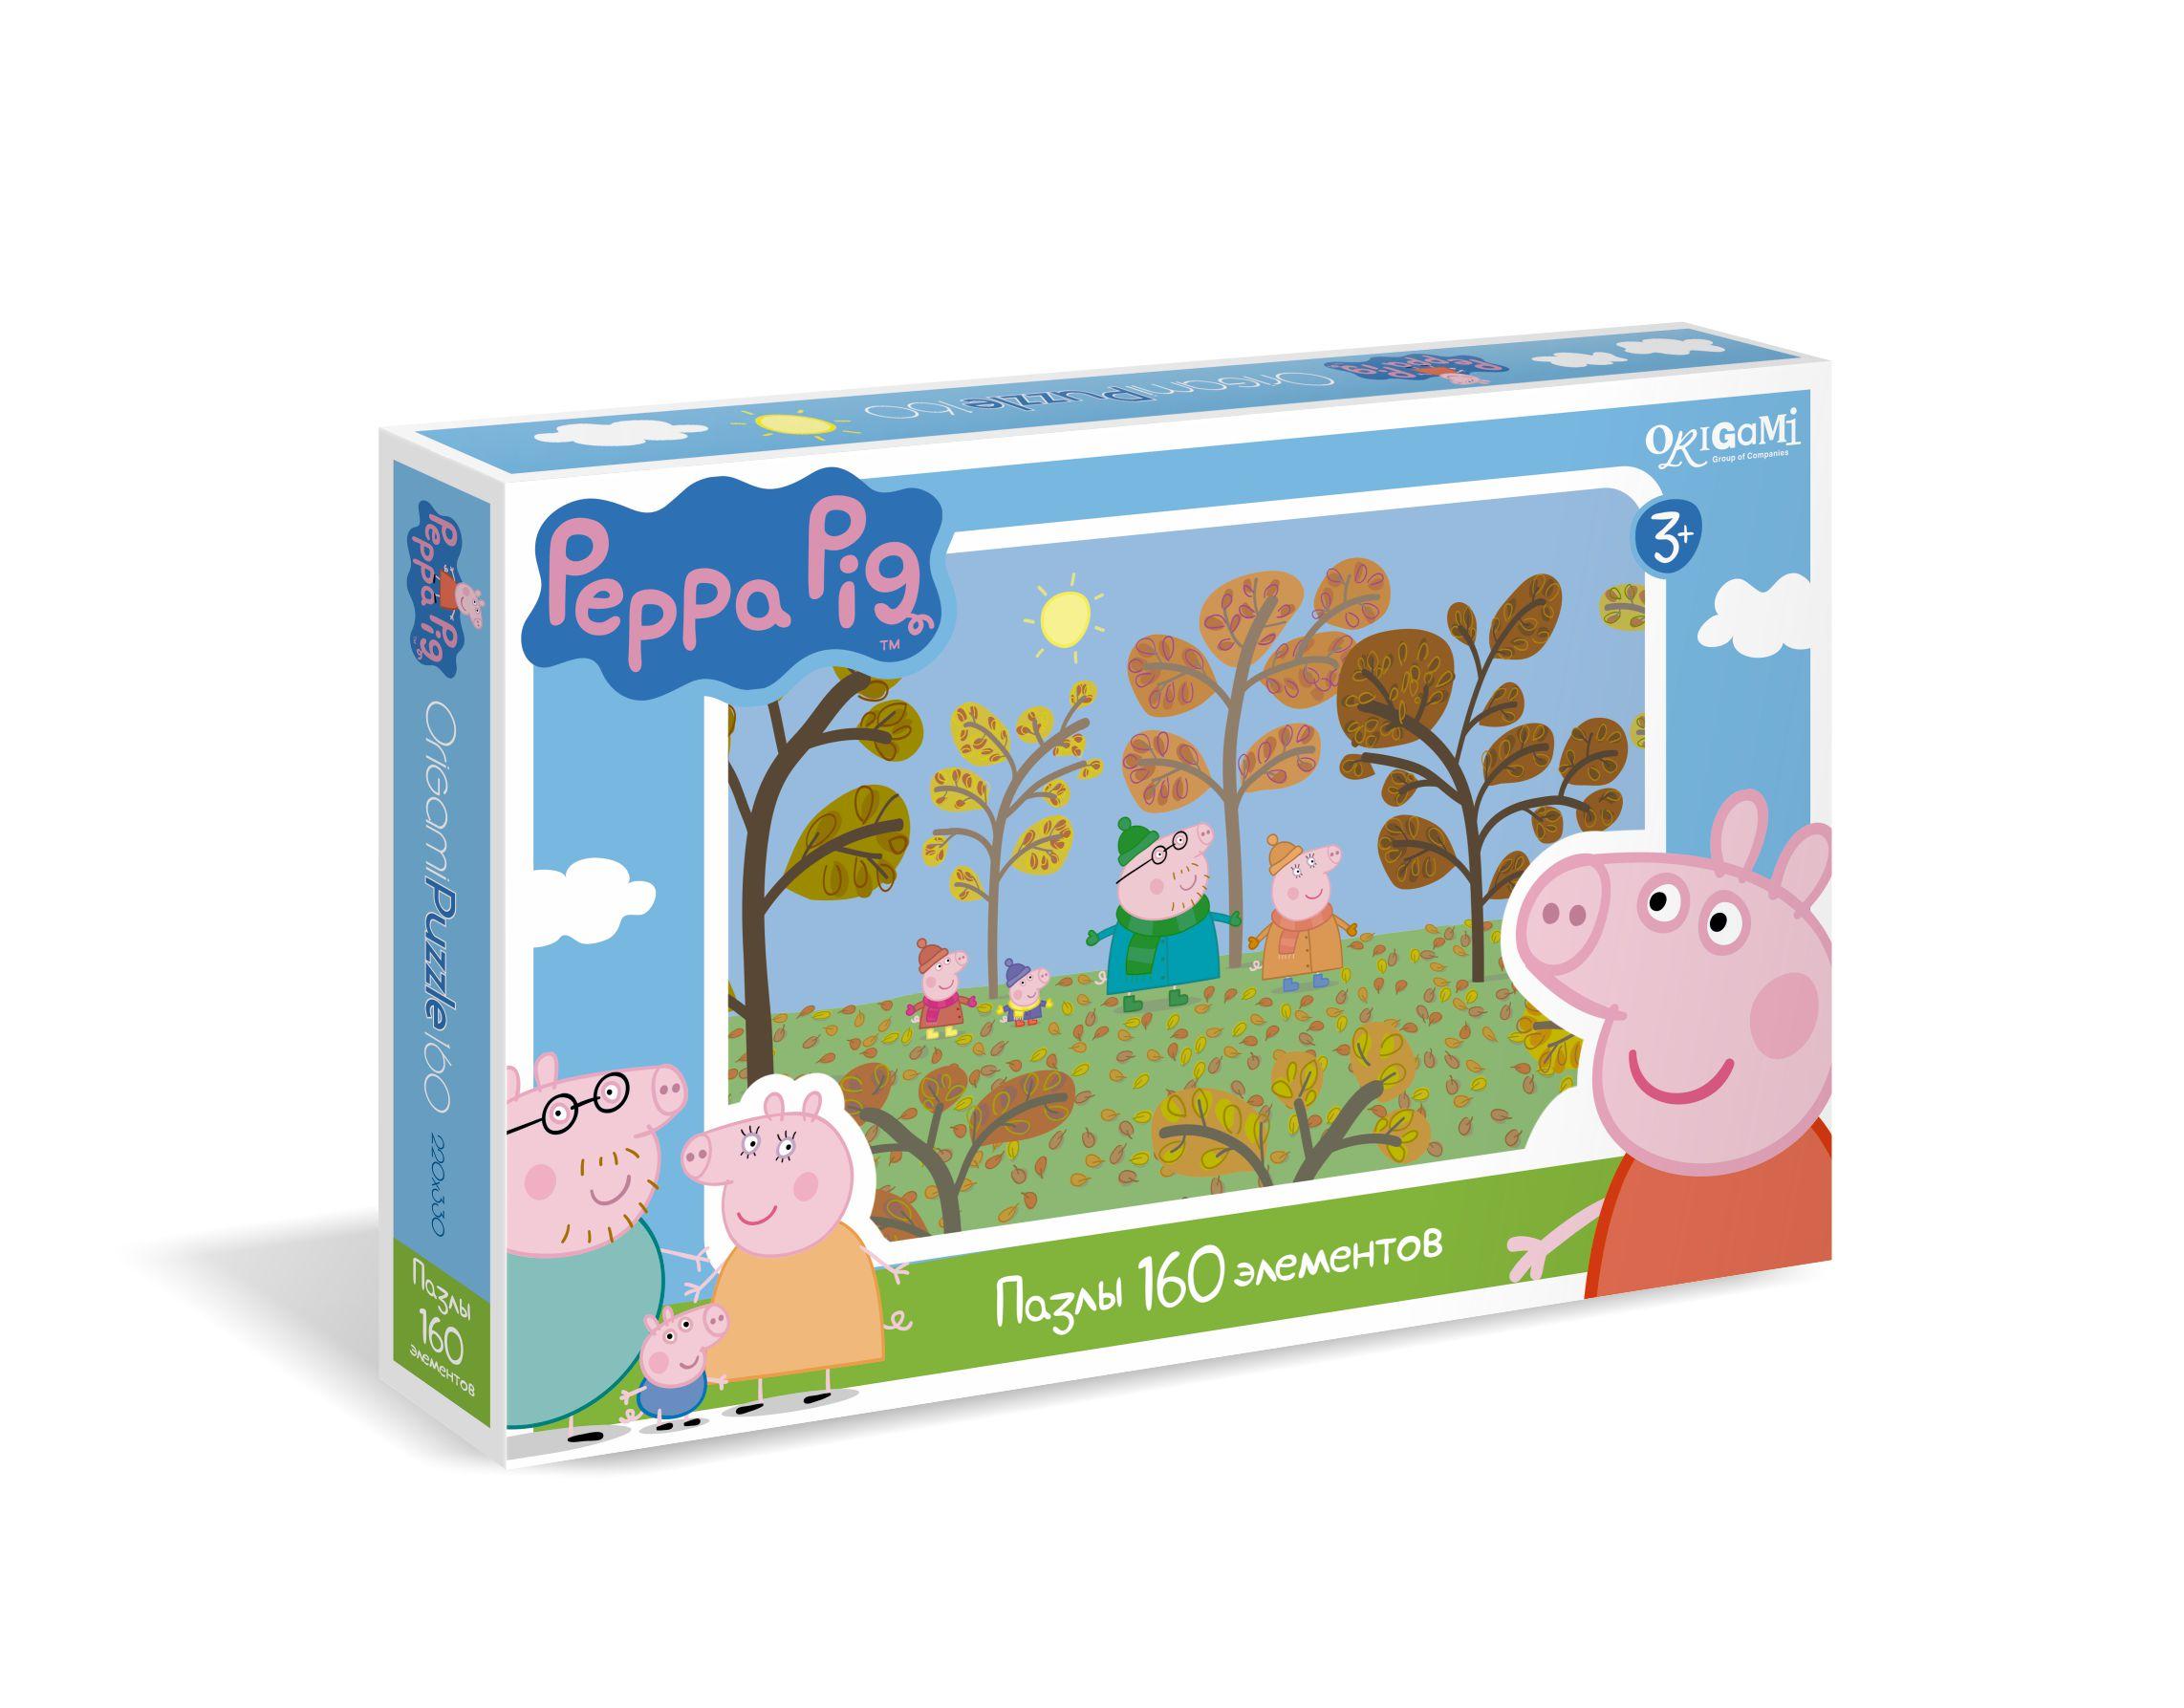 Пазл 160 Origami 01541 Peppa Pig. Путешествие